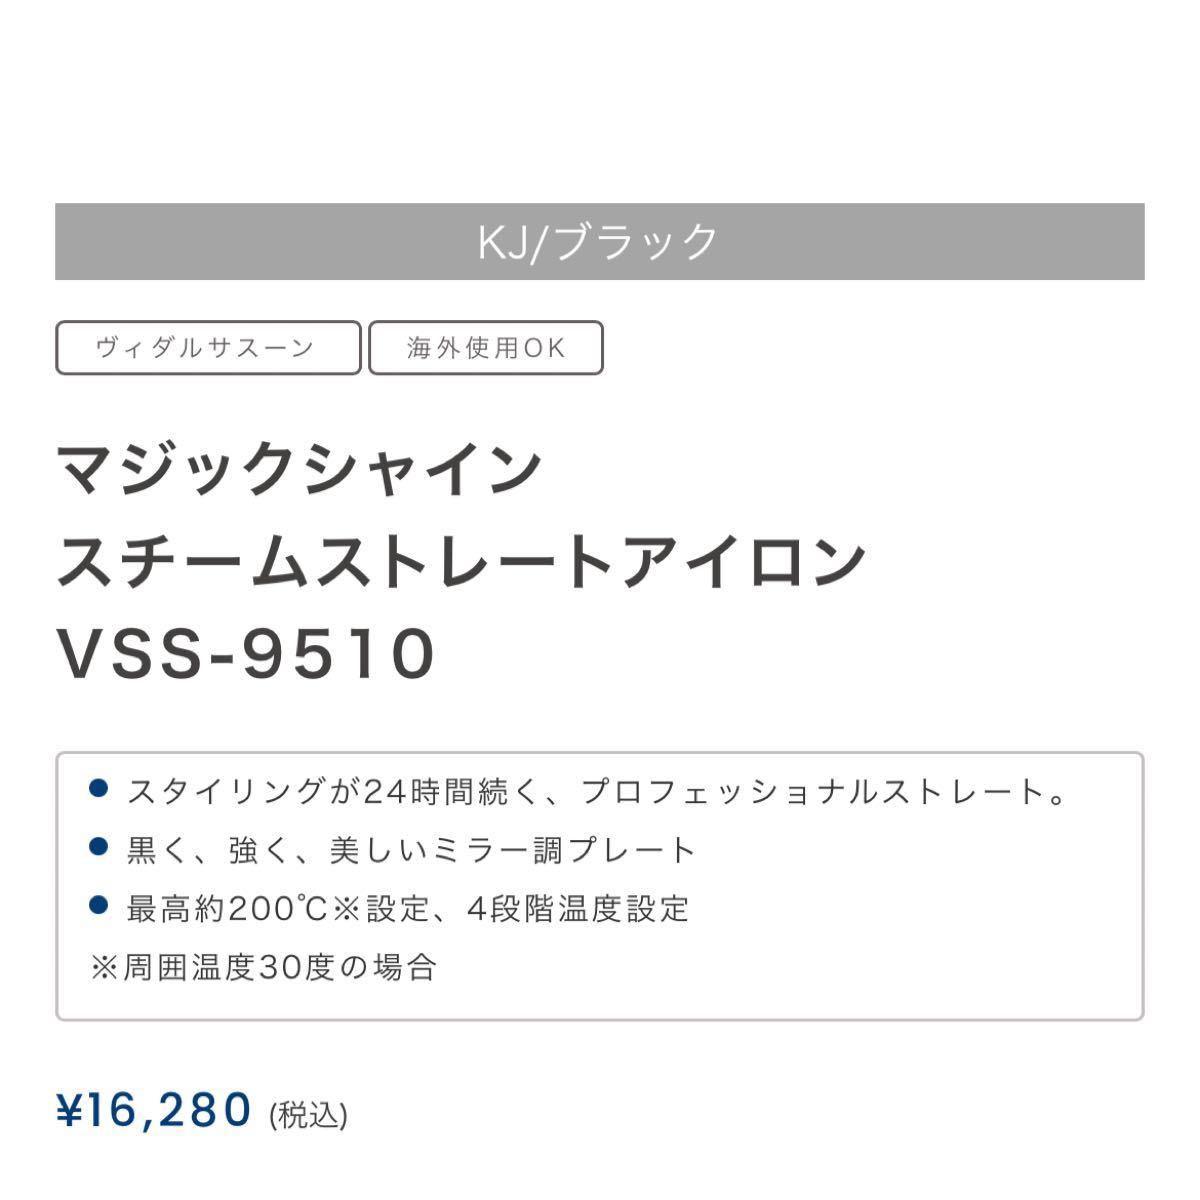 値下げしました!小泉成器 スチームストレートアイロン VSS-9510/kJ ヴィダルサスーン マジックシャイン